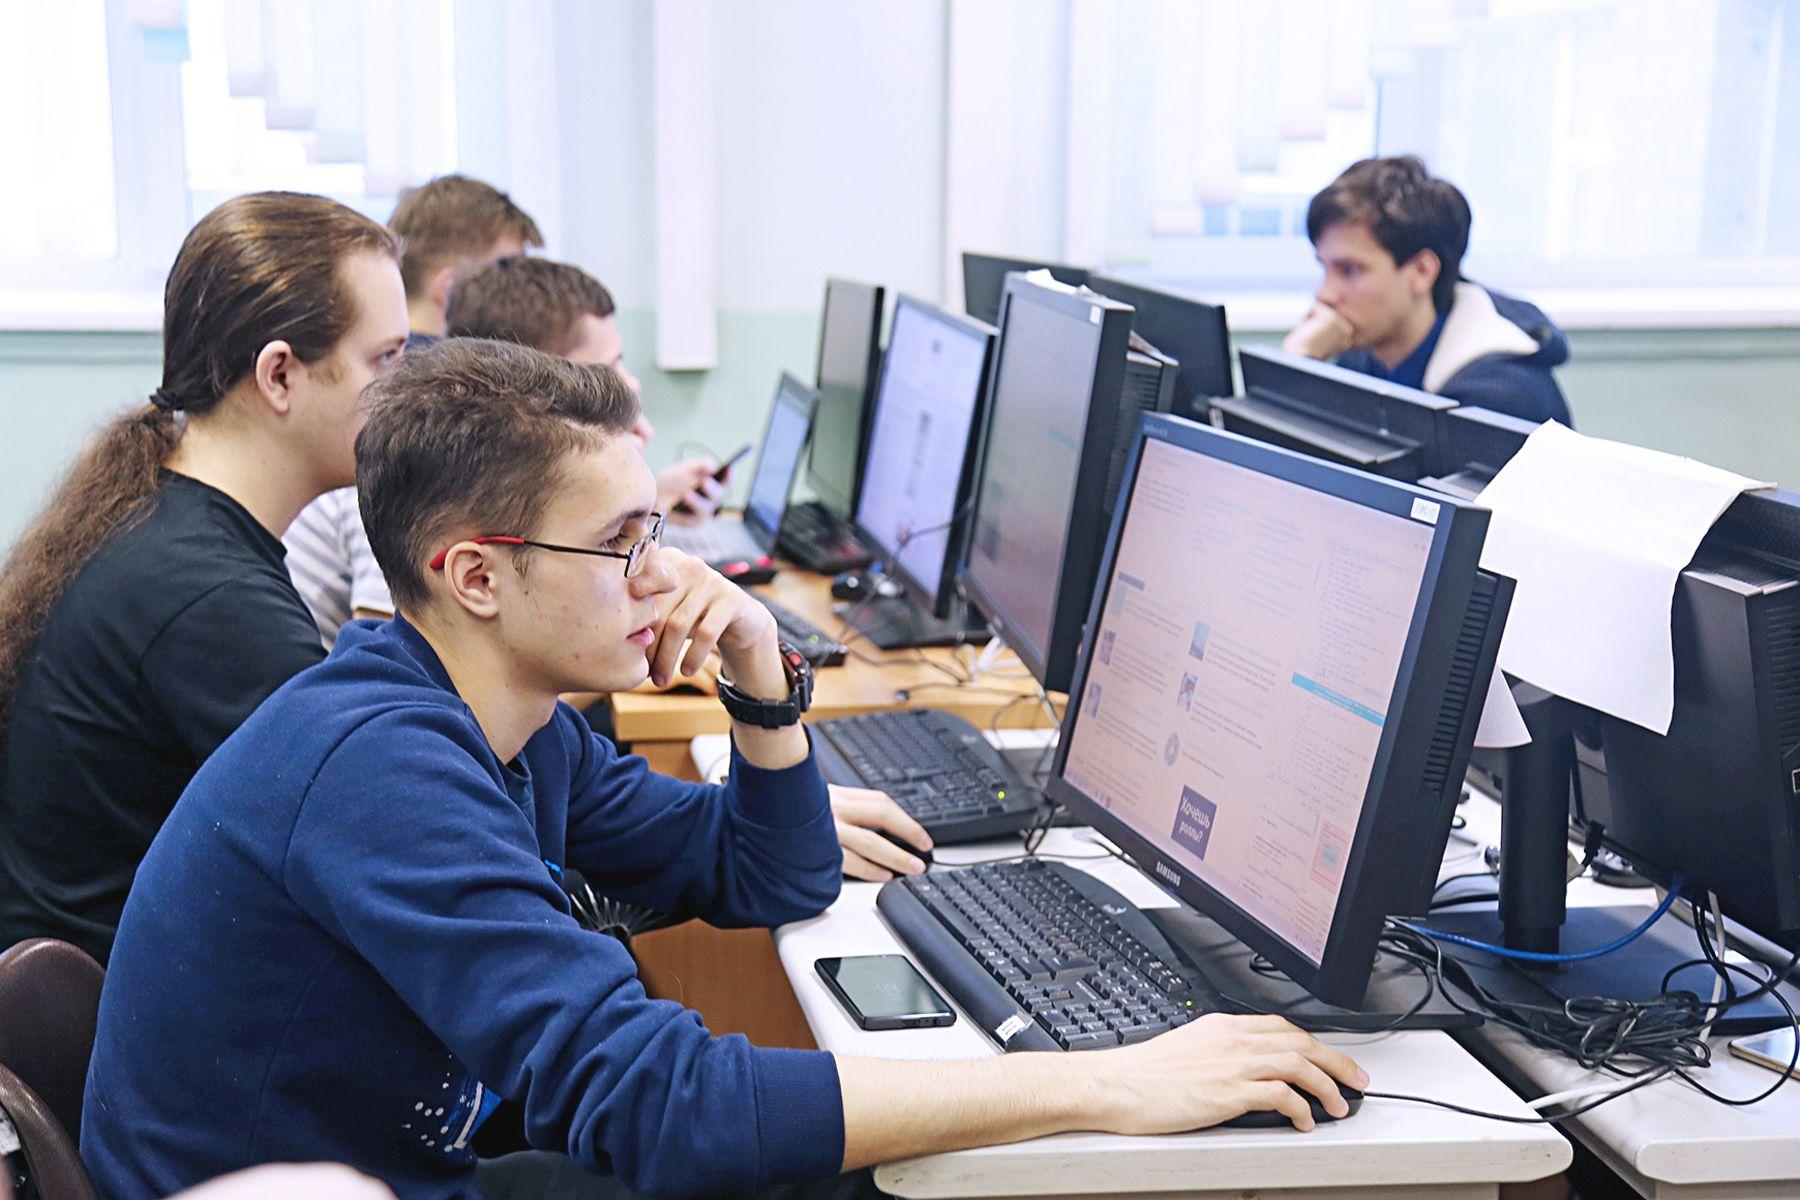 ВГУЭС объявляет набор на образовательную программу магистратуры «Искусственный интеллект и машинное обучение в управлении и принятии решений»